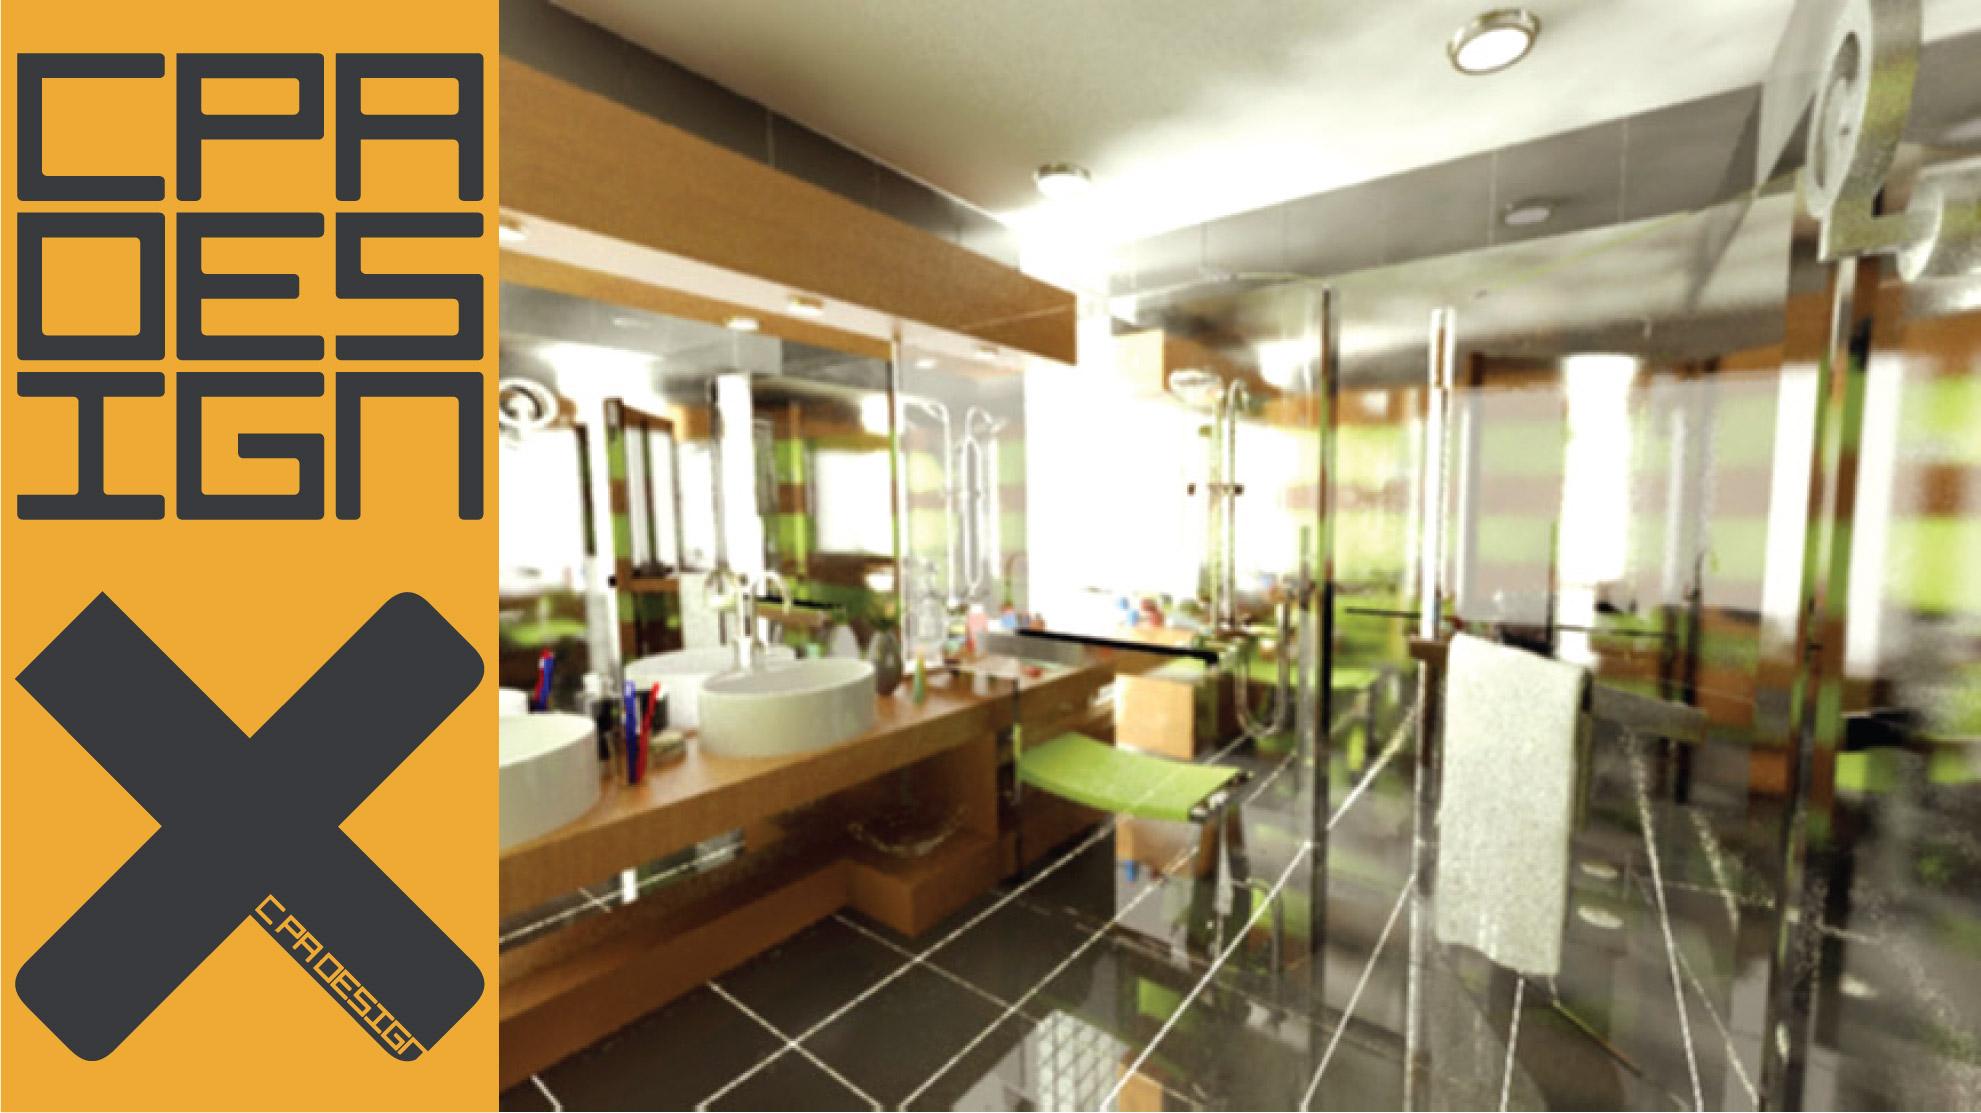 c_pa_design_produit_design_mobilier_realisation_architecture-interieure-3d-photo-realiste